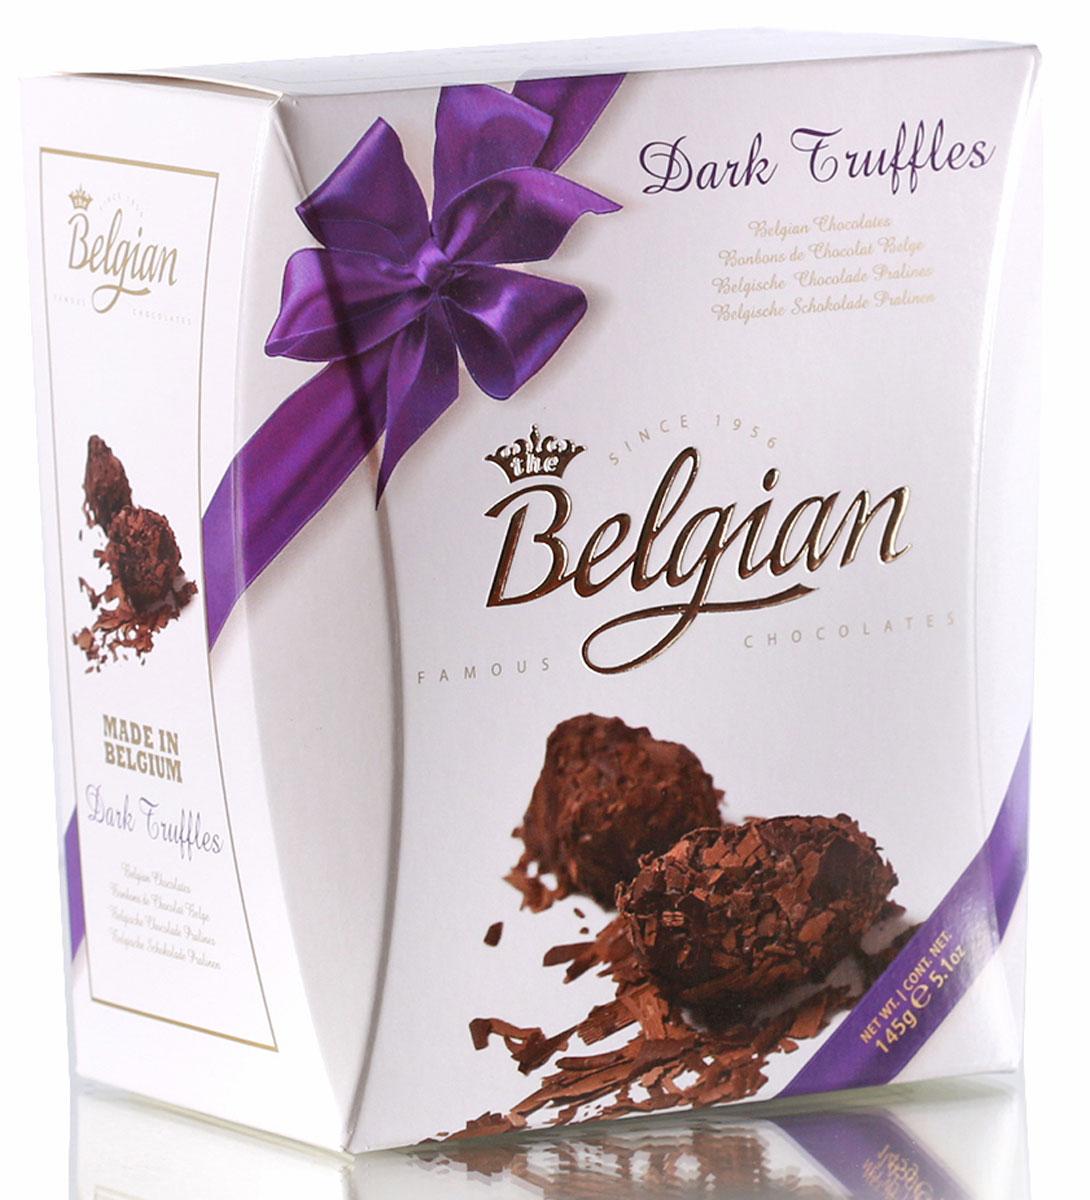 The Belgian Трюфели из горького шоколада в хлопьях, 145 г chocmod конфеты chocmod трюфели париж 500г